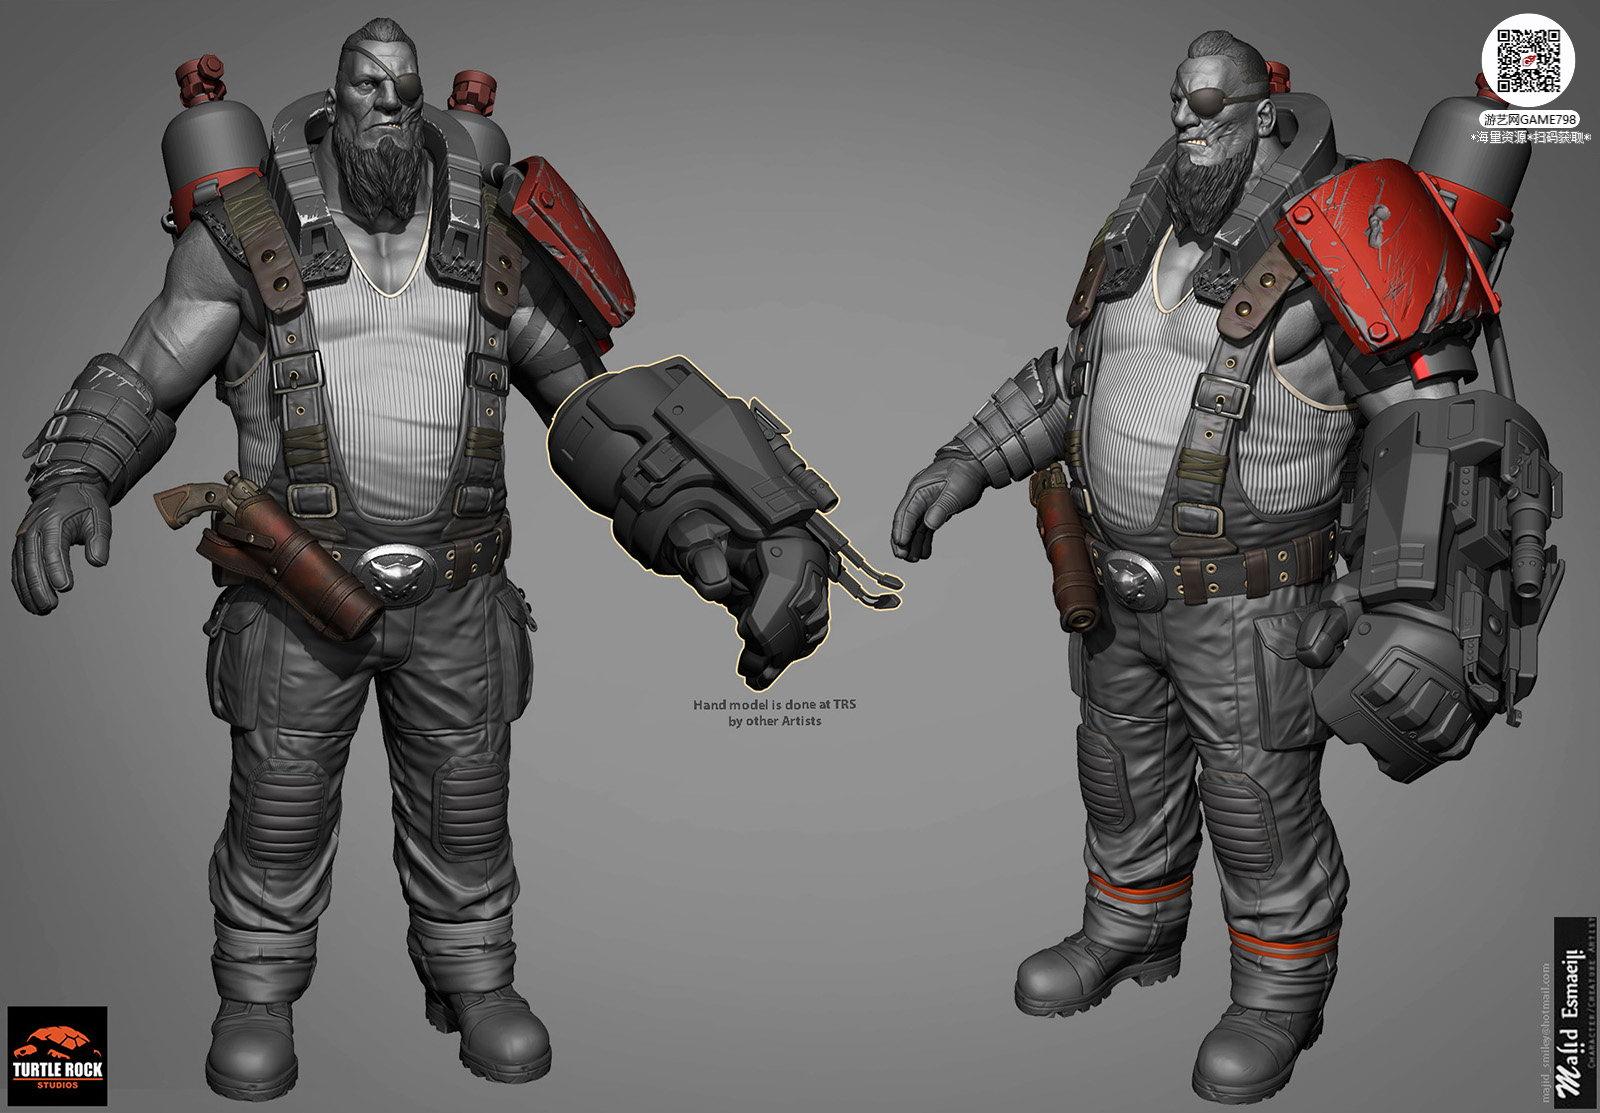 013_关注游艺网公众号获海量资源_3D网游次世代模型大图参考机械怪兽科幻ZBrush4R8雕刻.jpg